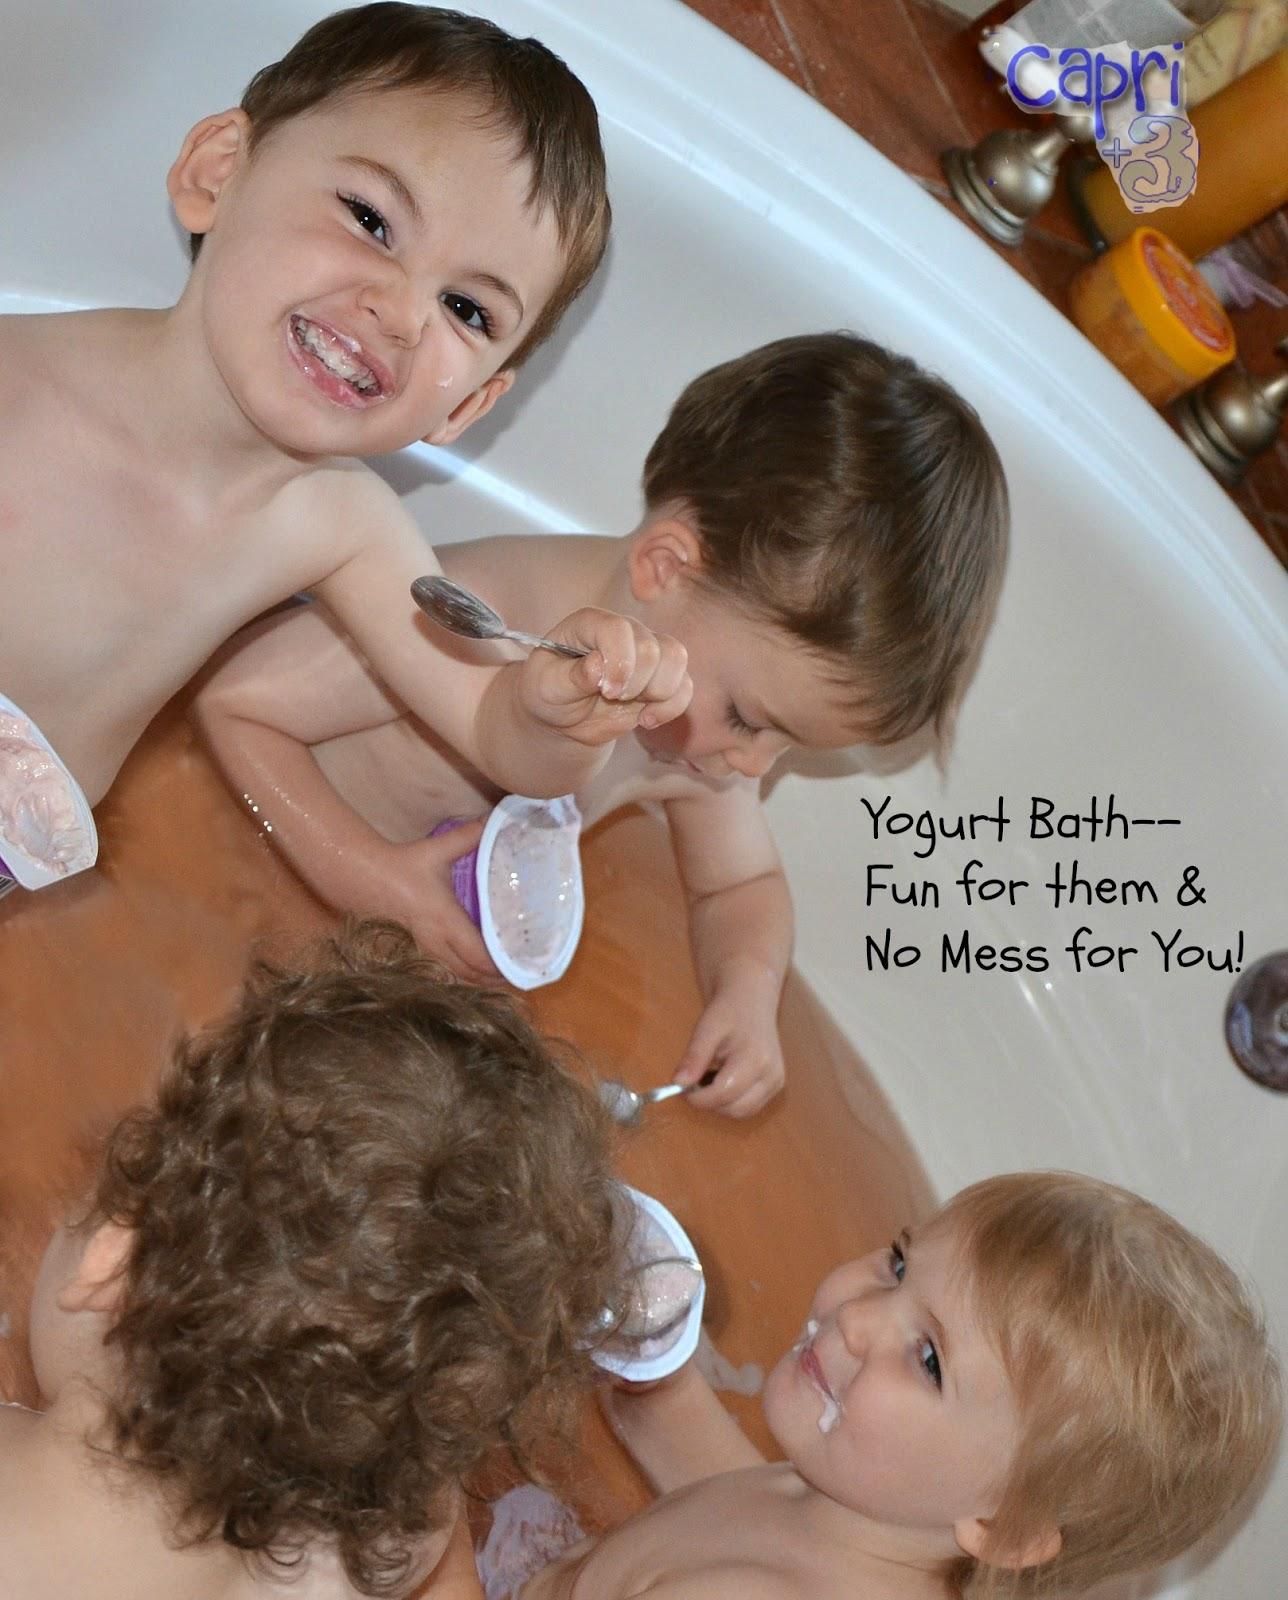 Yogurt Bath - Capri + 3